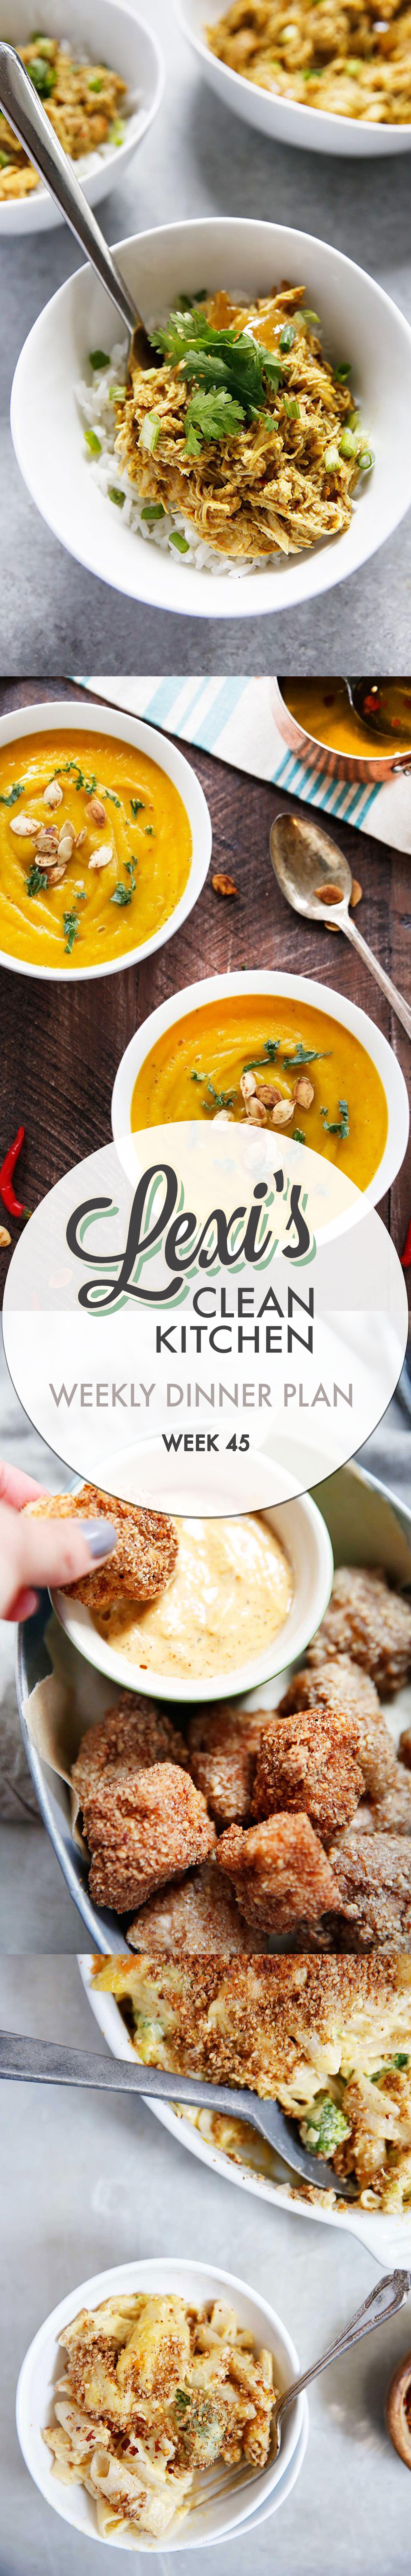 Weekly Dinner Plan Week 45 [gluten-free] | Lexi's Clean Kitchen